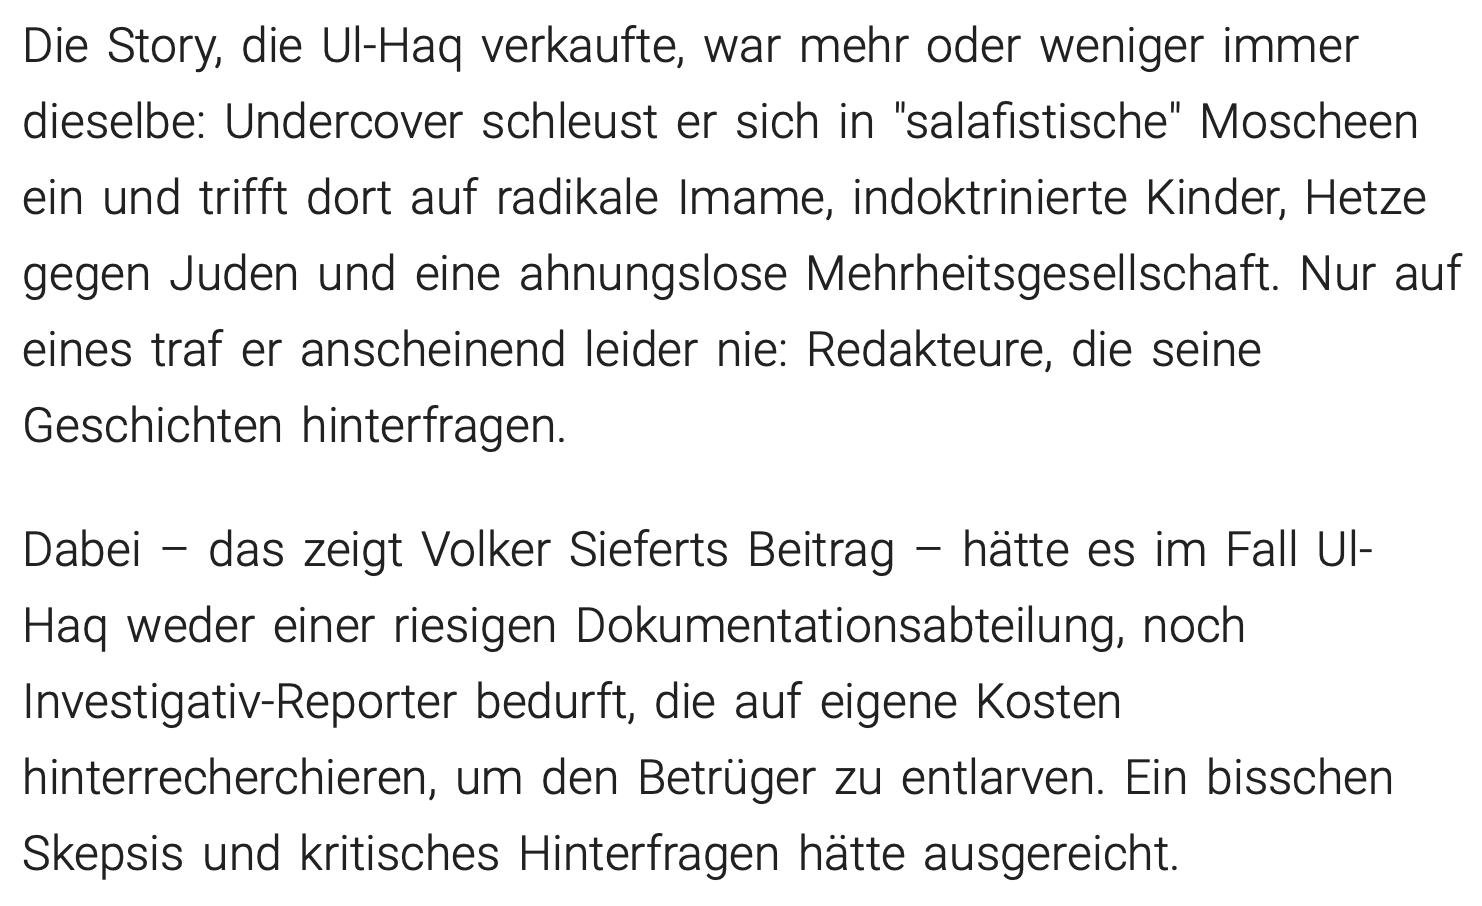 Kommentar des Journalisten Fabian Goldmann zu Ul-Haq (https://www.piqd.de/flucht-und-einwanderung/der-nachste-relotius-wie-medien-einem-vermeintlichen-undercover-reporter-auf-den-leim-gingen)